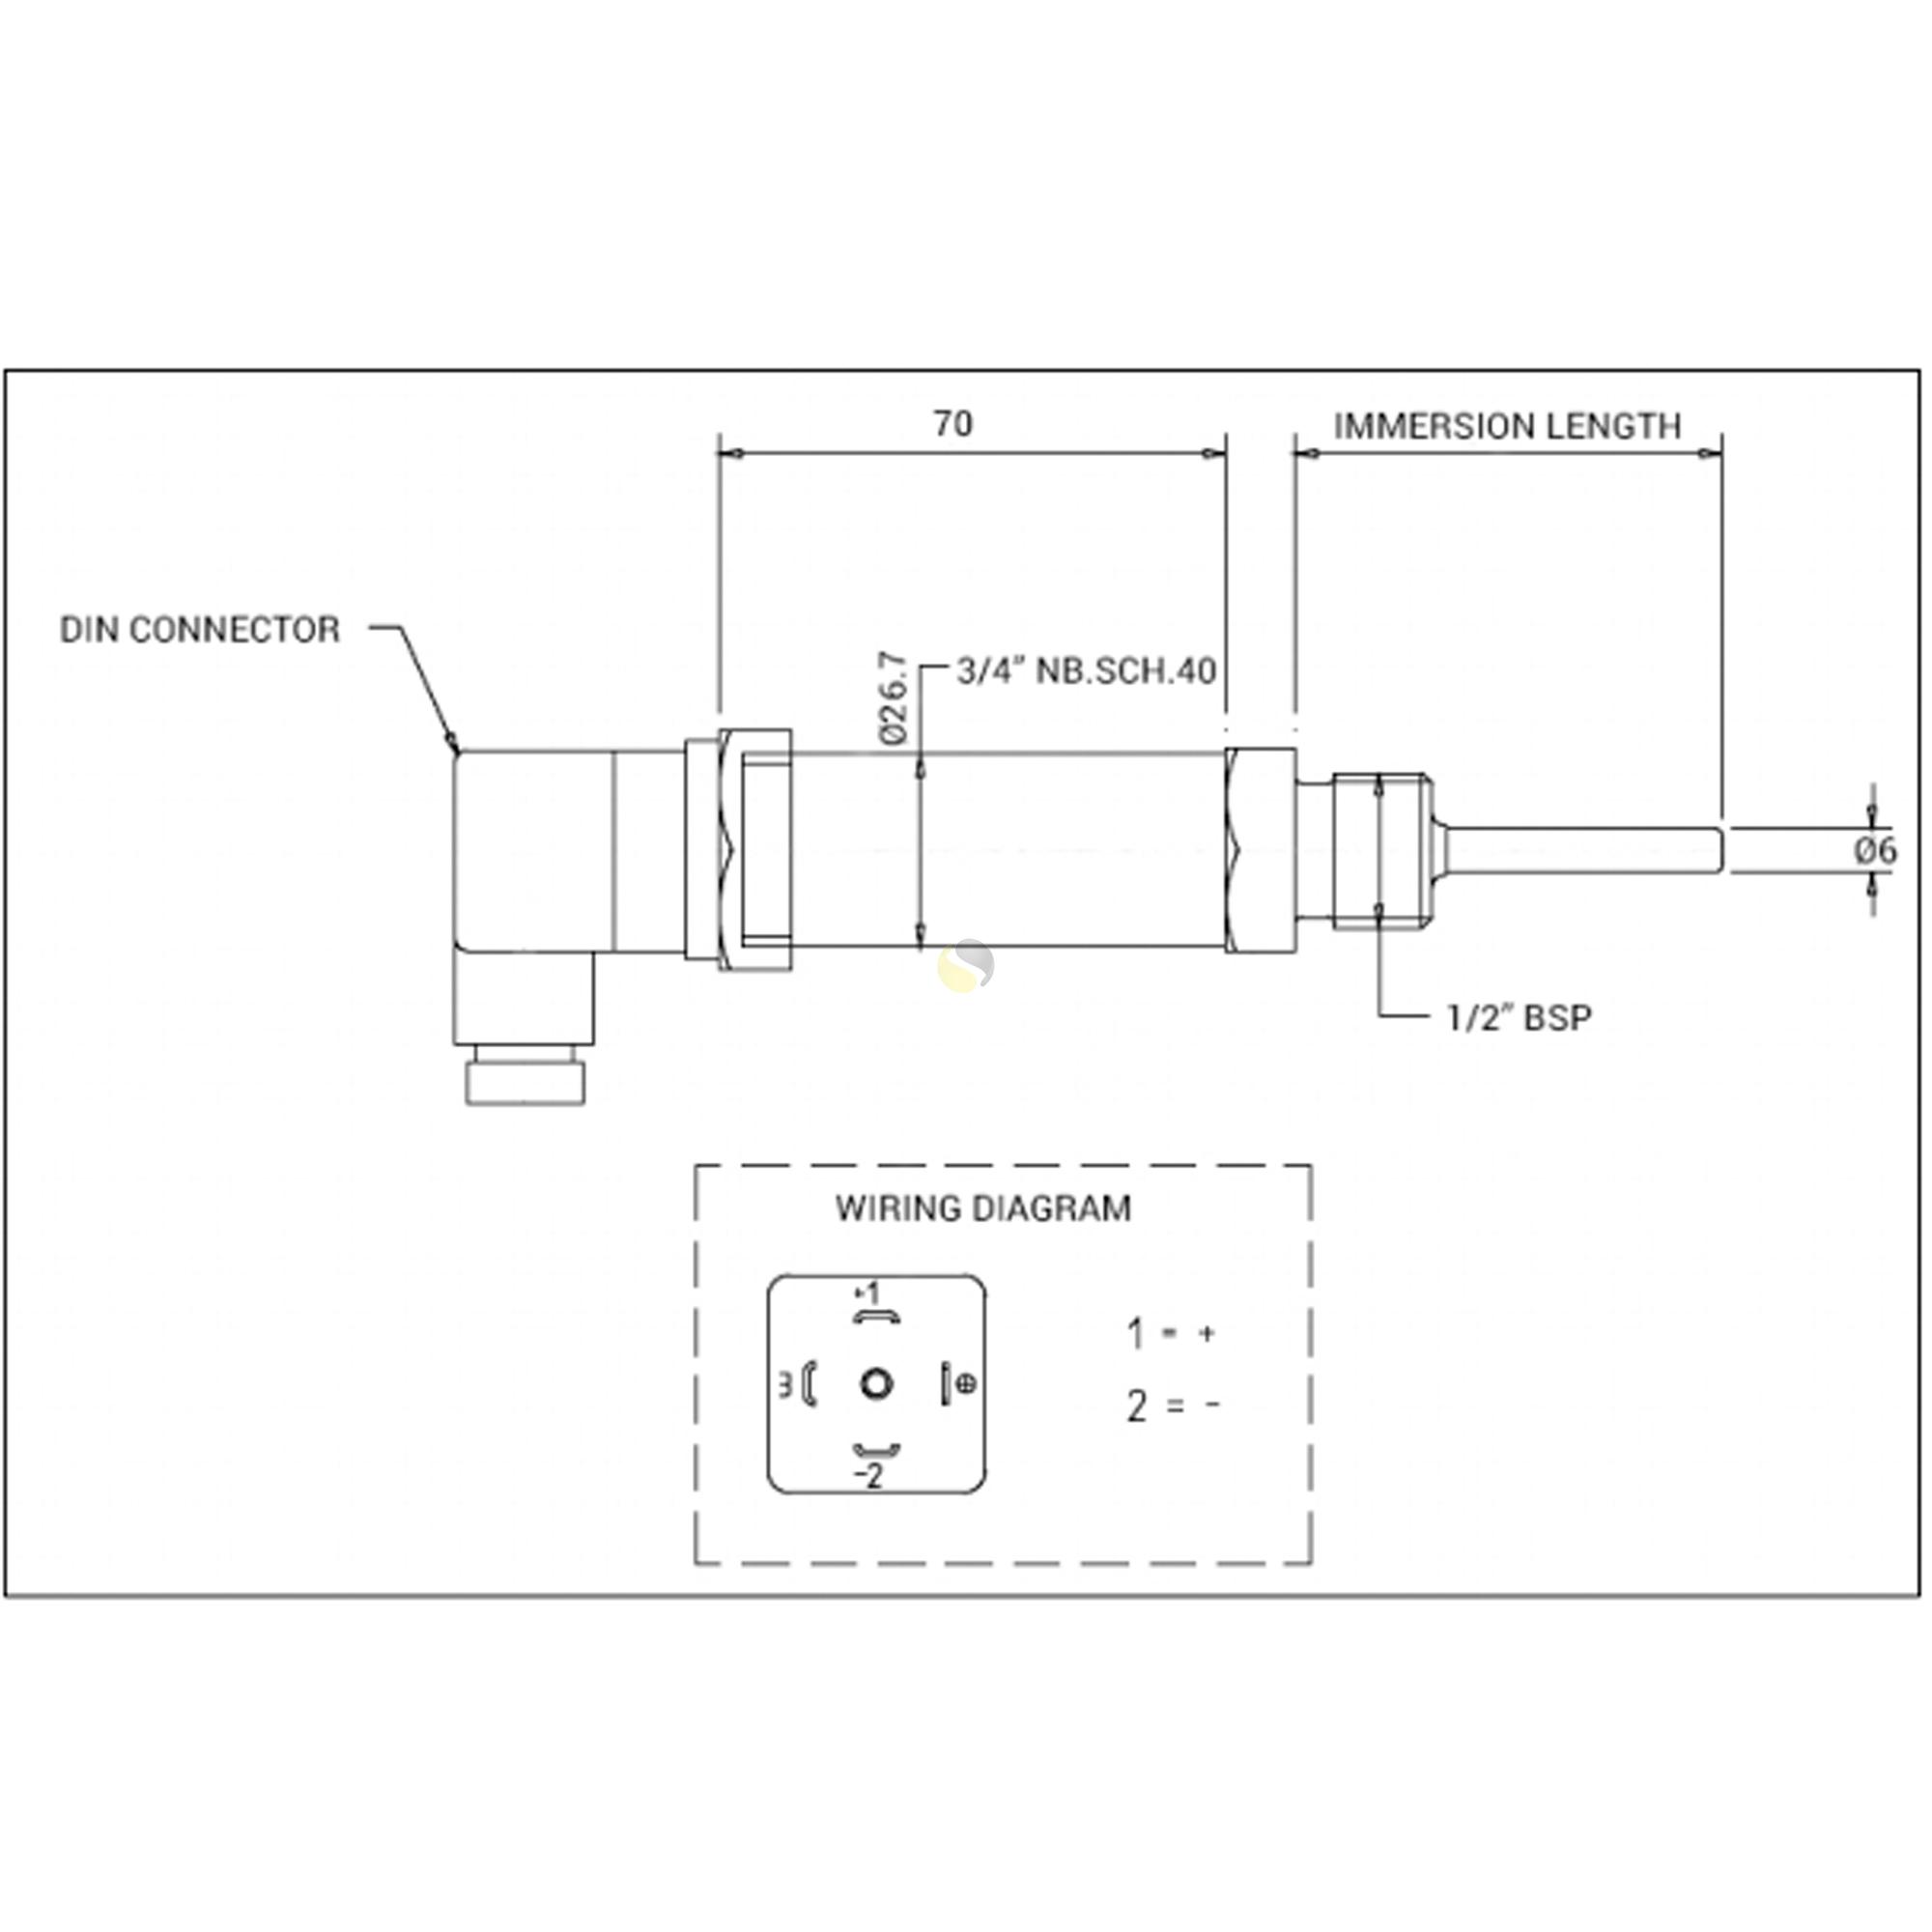 Transmitter Wiring Diagram | Wiring Liry on